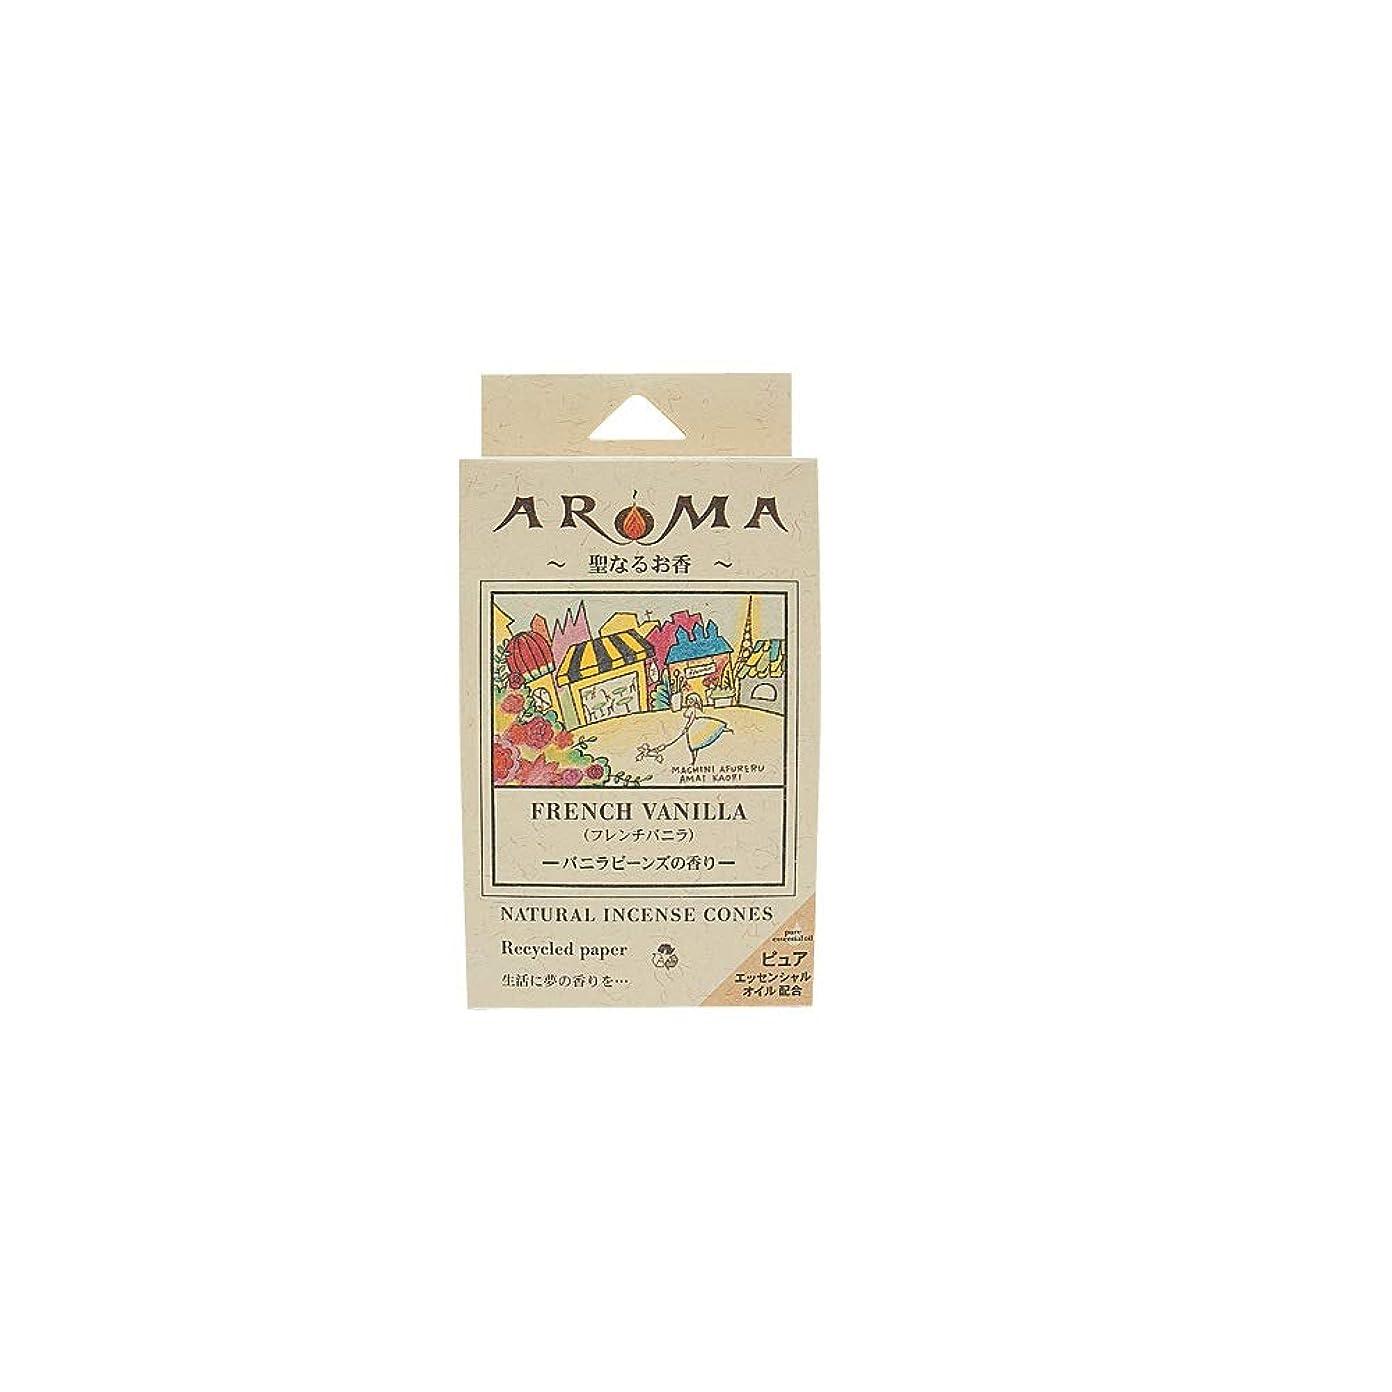 精算確認してくださいむちゃくちゃアロマ香 フレンチバニラ 16粒(コーンタイプインセンス 1粒の燃焼時間約20分 バニラビーンズの香り)